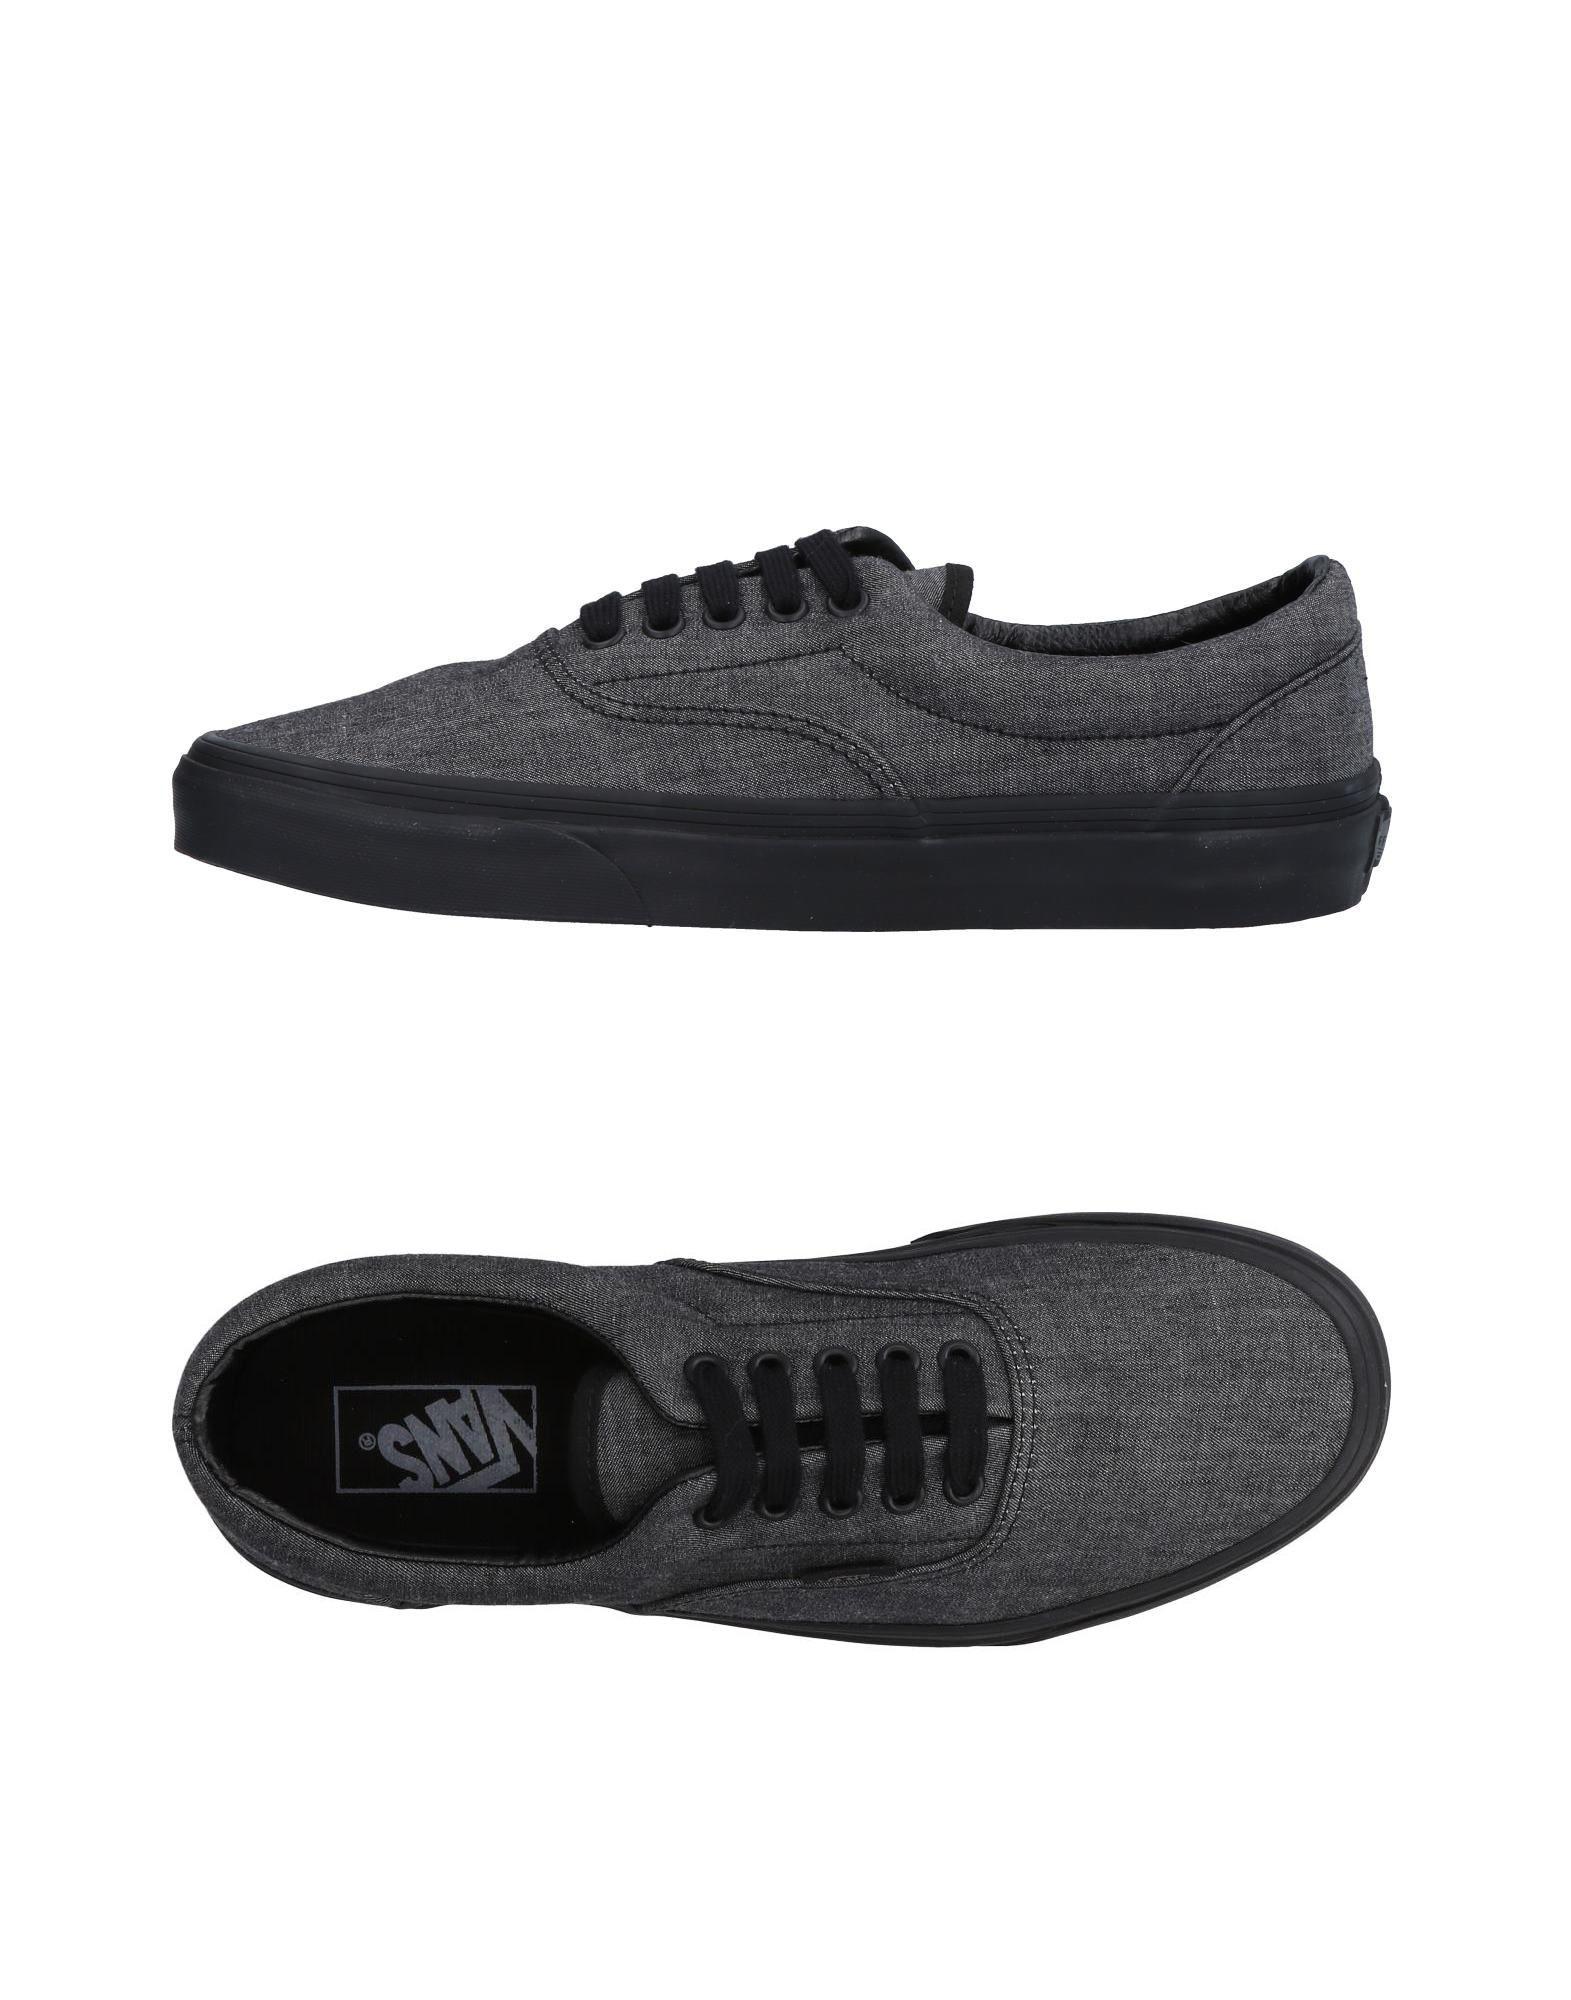 《送料無料》VANS メンズ スニーカー&テニスシューズ(ローカット) ブラック 8.5 紡績繊維